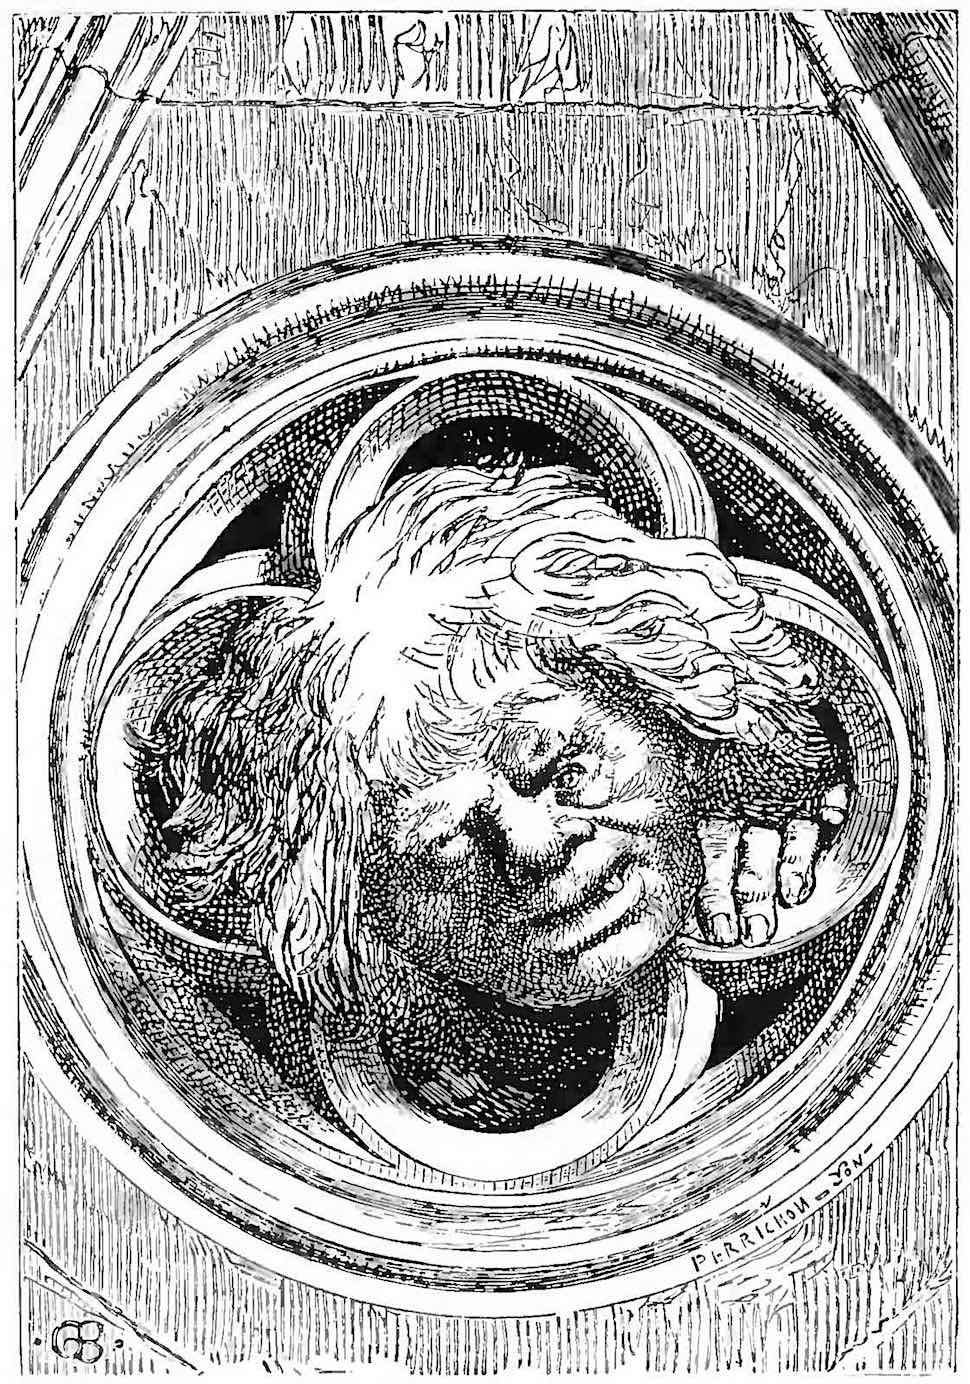 an illustration from Victor Hugo's Hunchback of Notre Dame